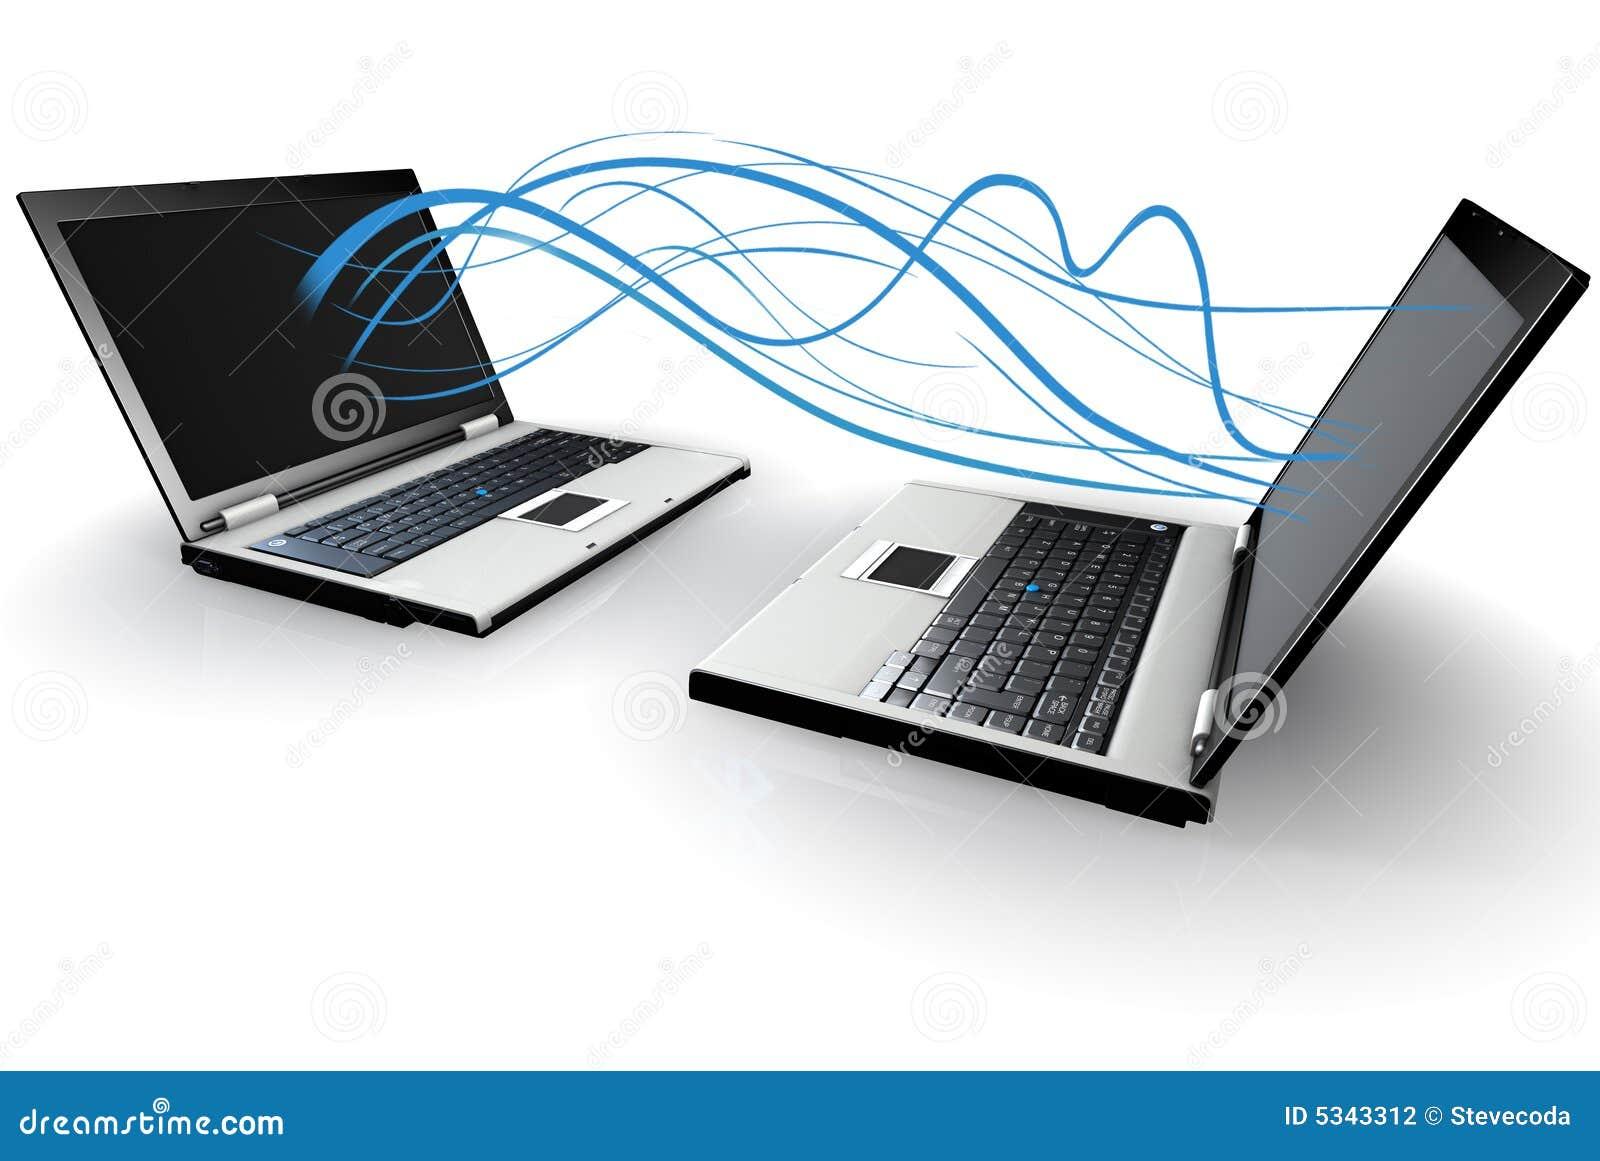 Как защитить Wi-Fi сеть? Основные и эффективные 4